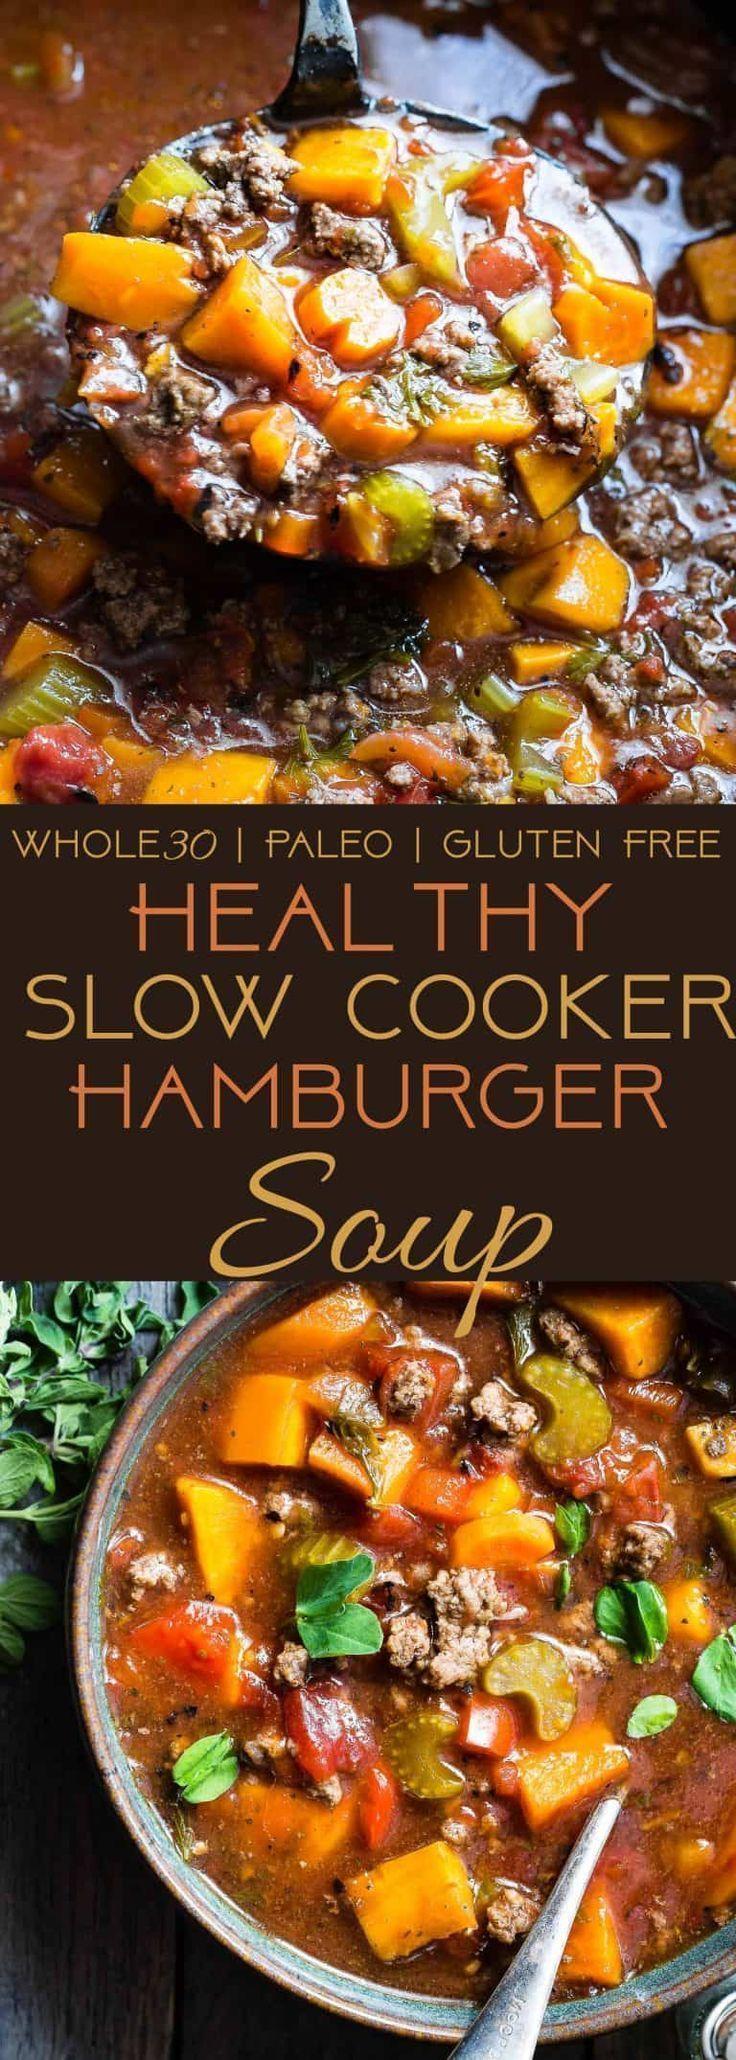 Crock Pot Paleo Hamburger Soup Recipe | Food Faith Fitness -  Crock Pot Paleo Hamburger Soup Recipe...